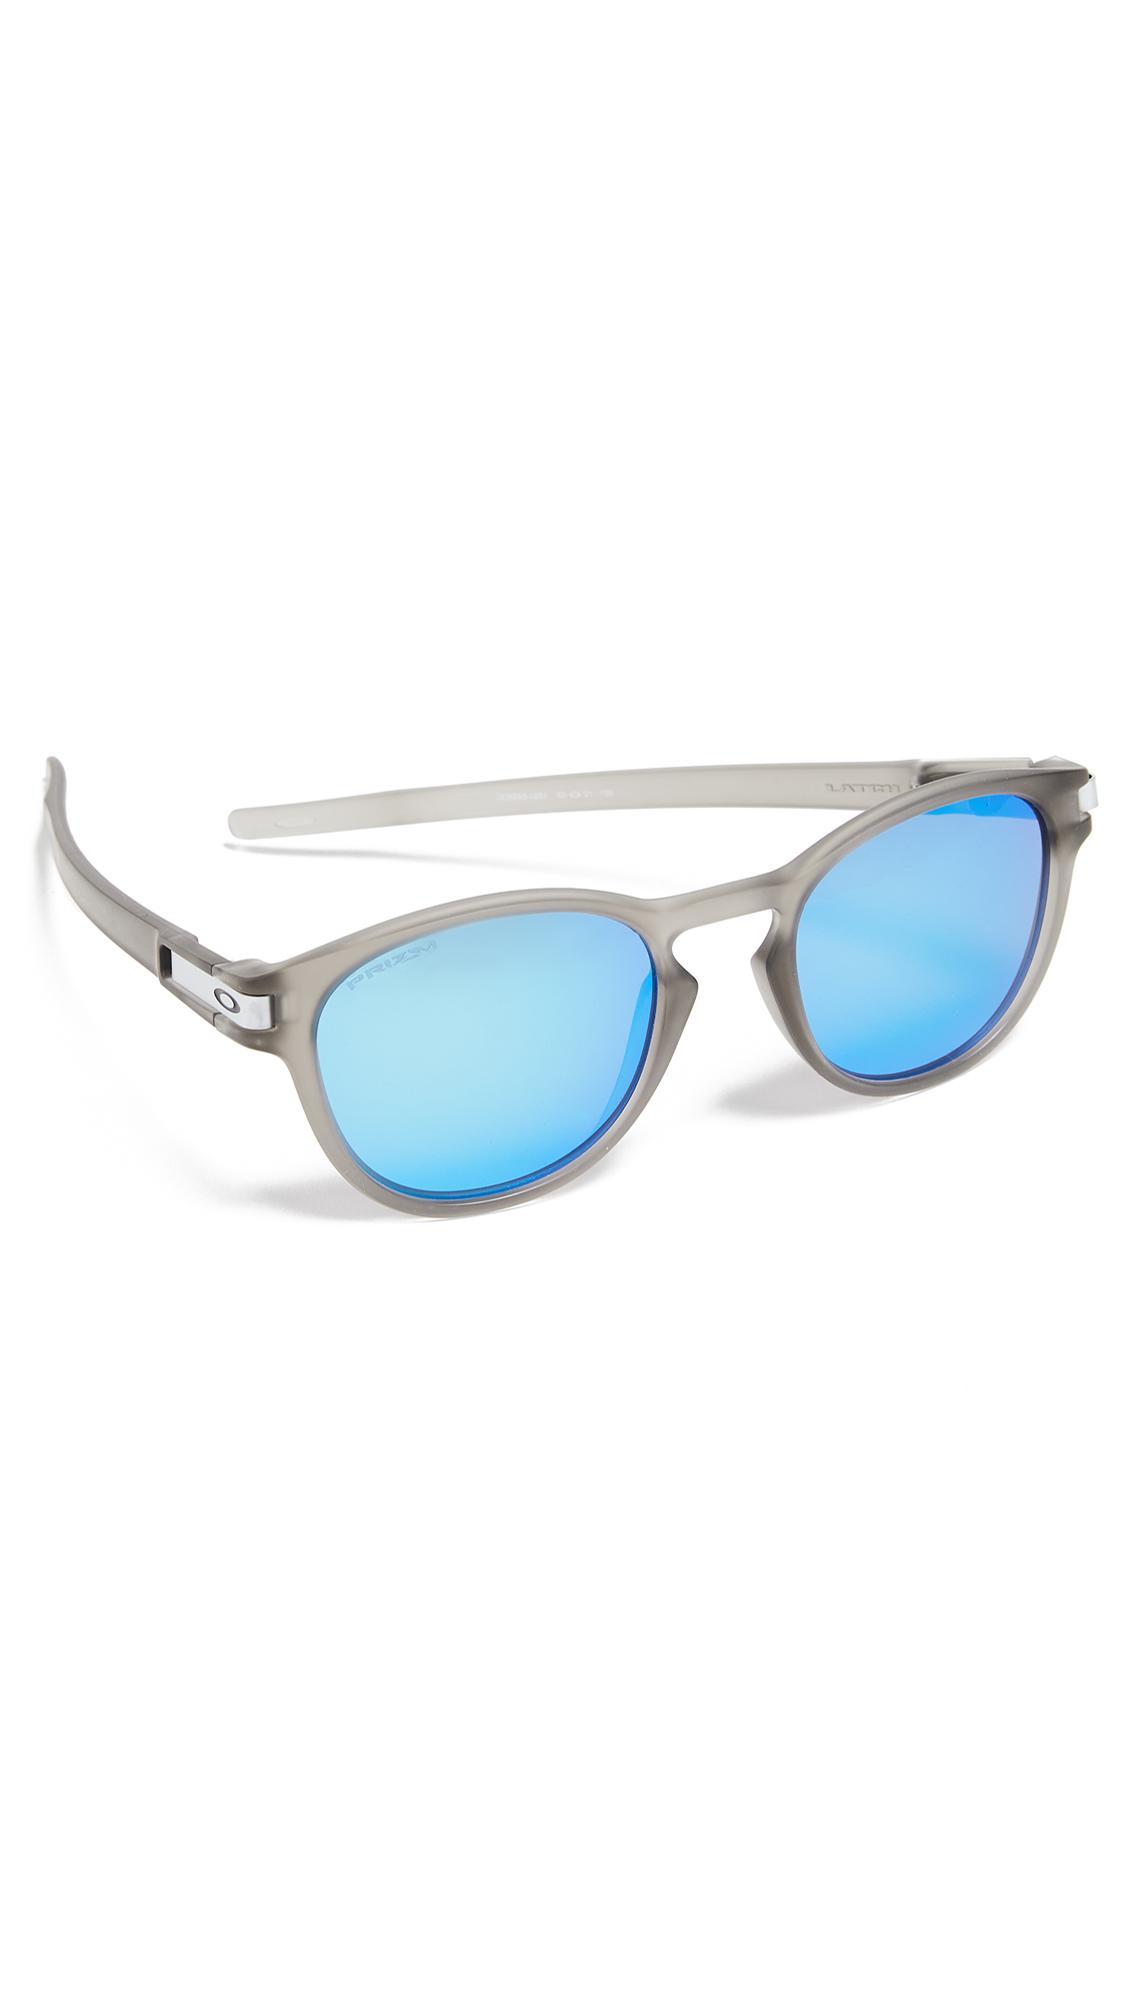 f76247bb7e1 Oakley Latch Prizm Polarized Sunglasses in Blue for Men - Lyst